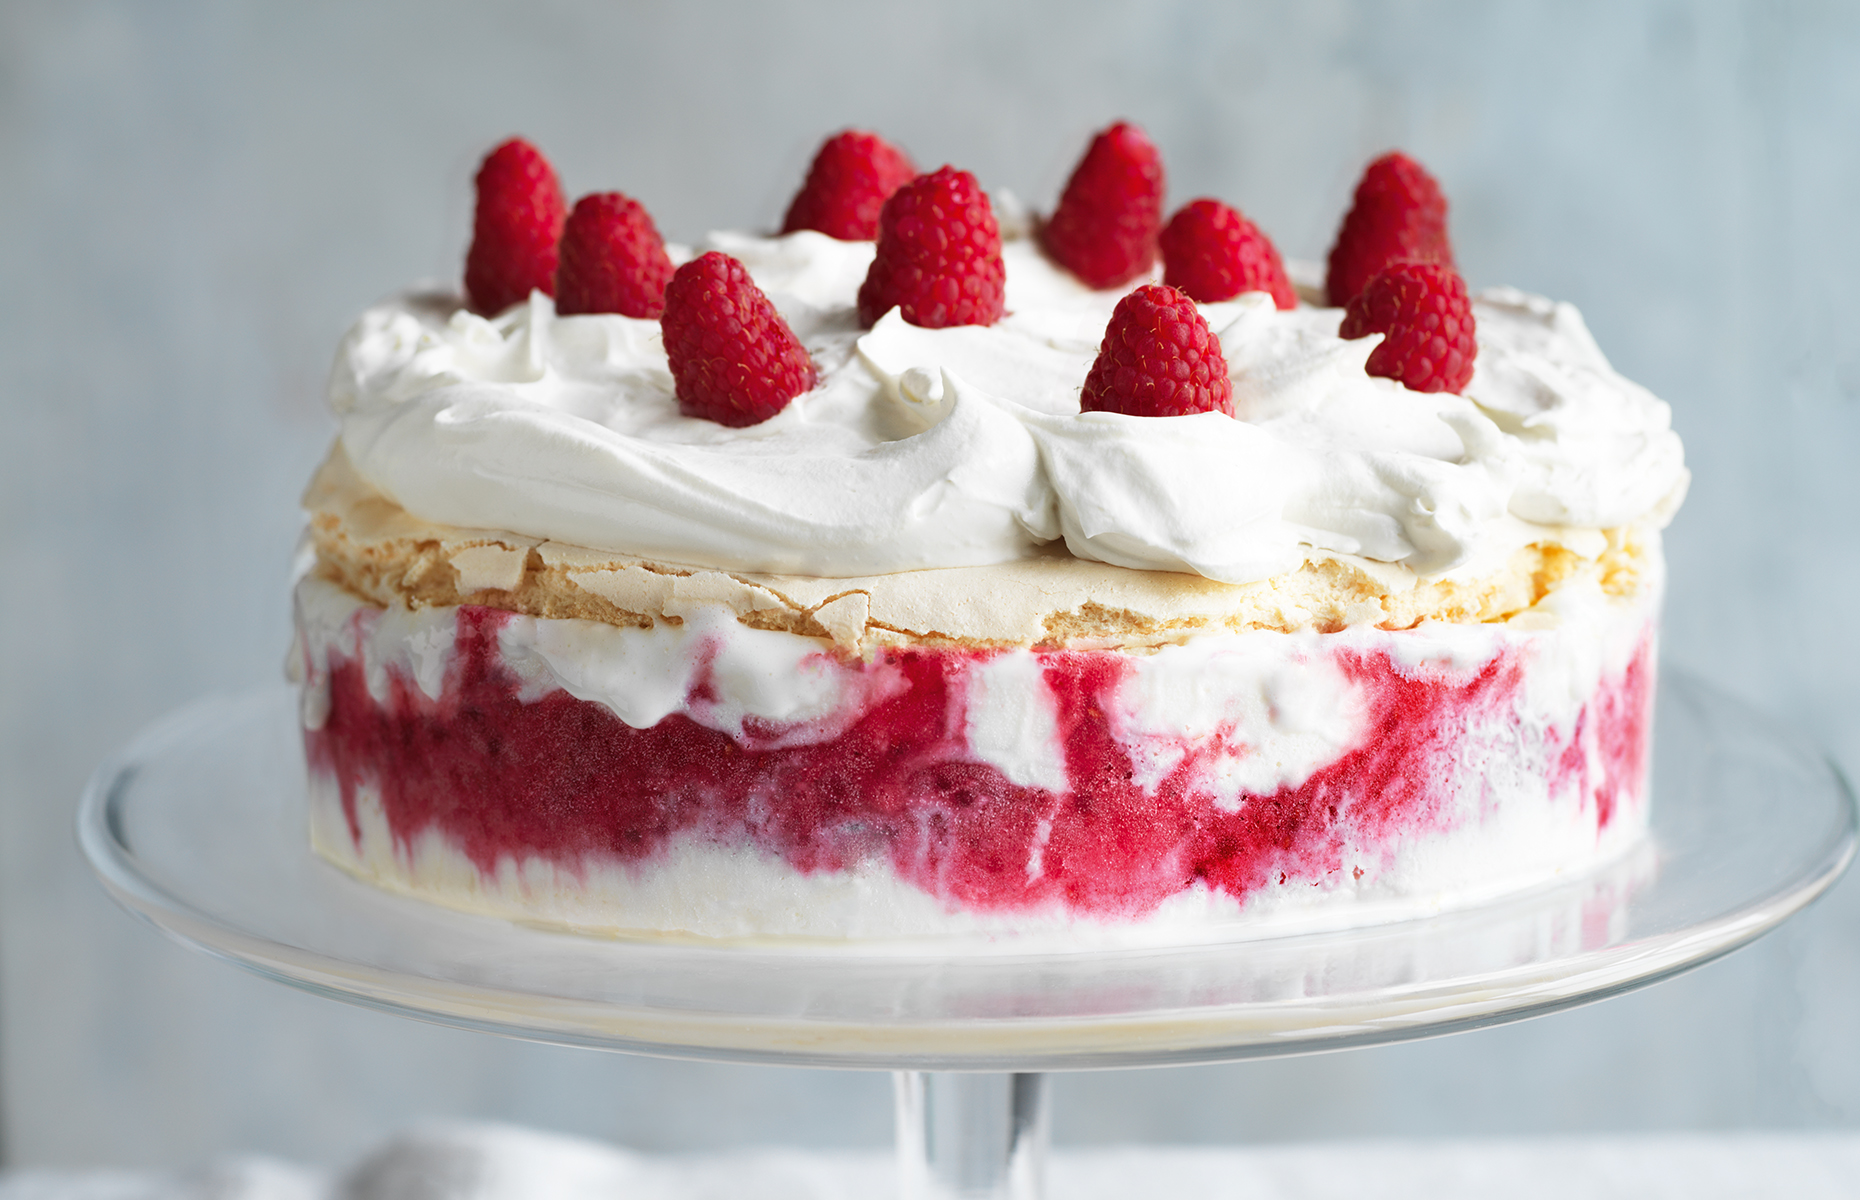 Ice cream meringue cake